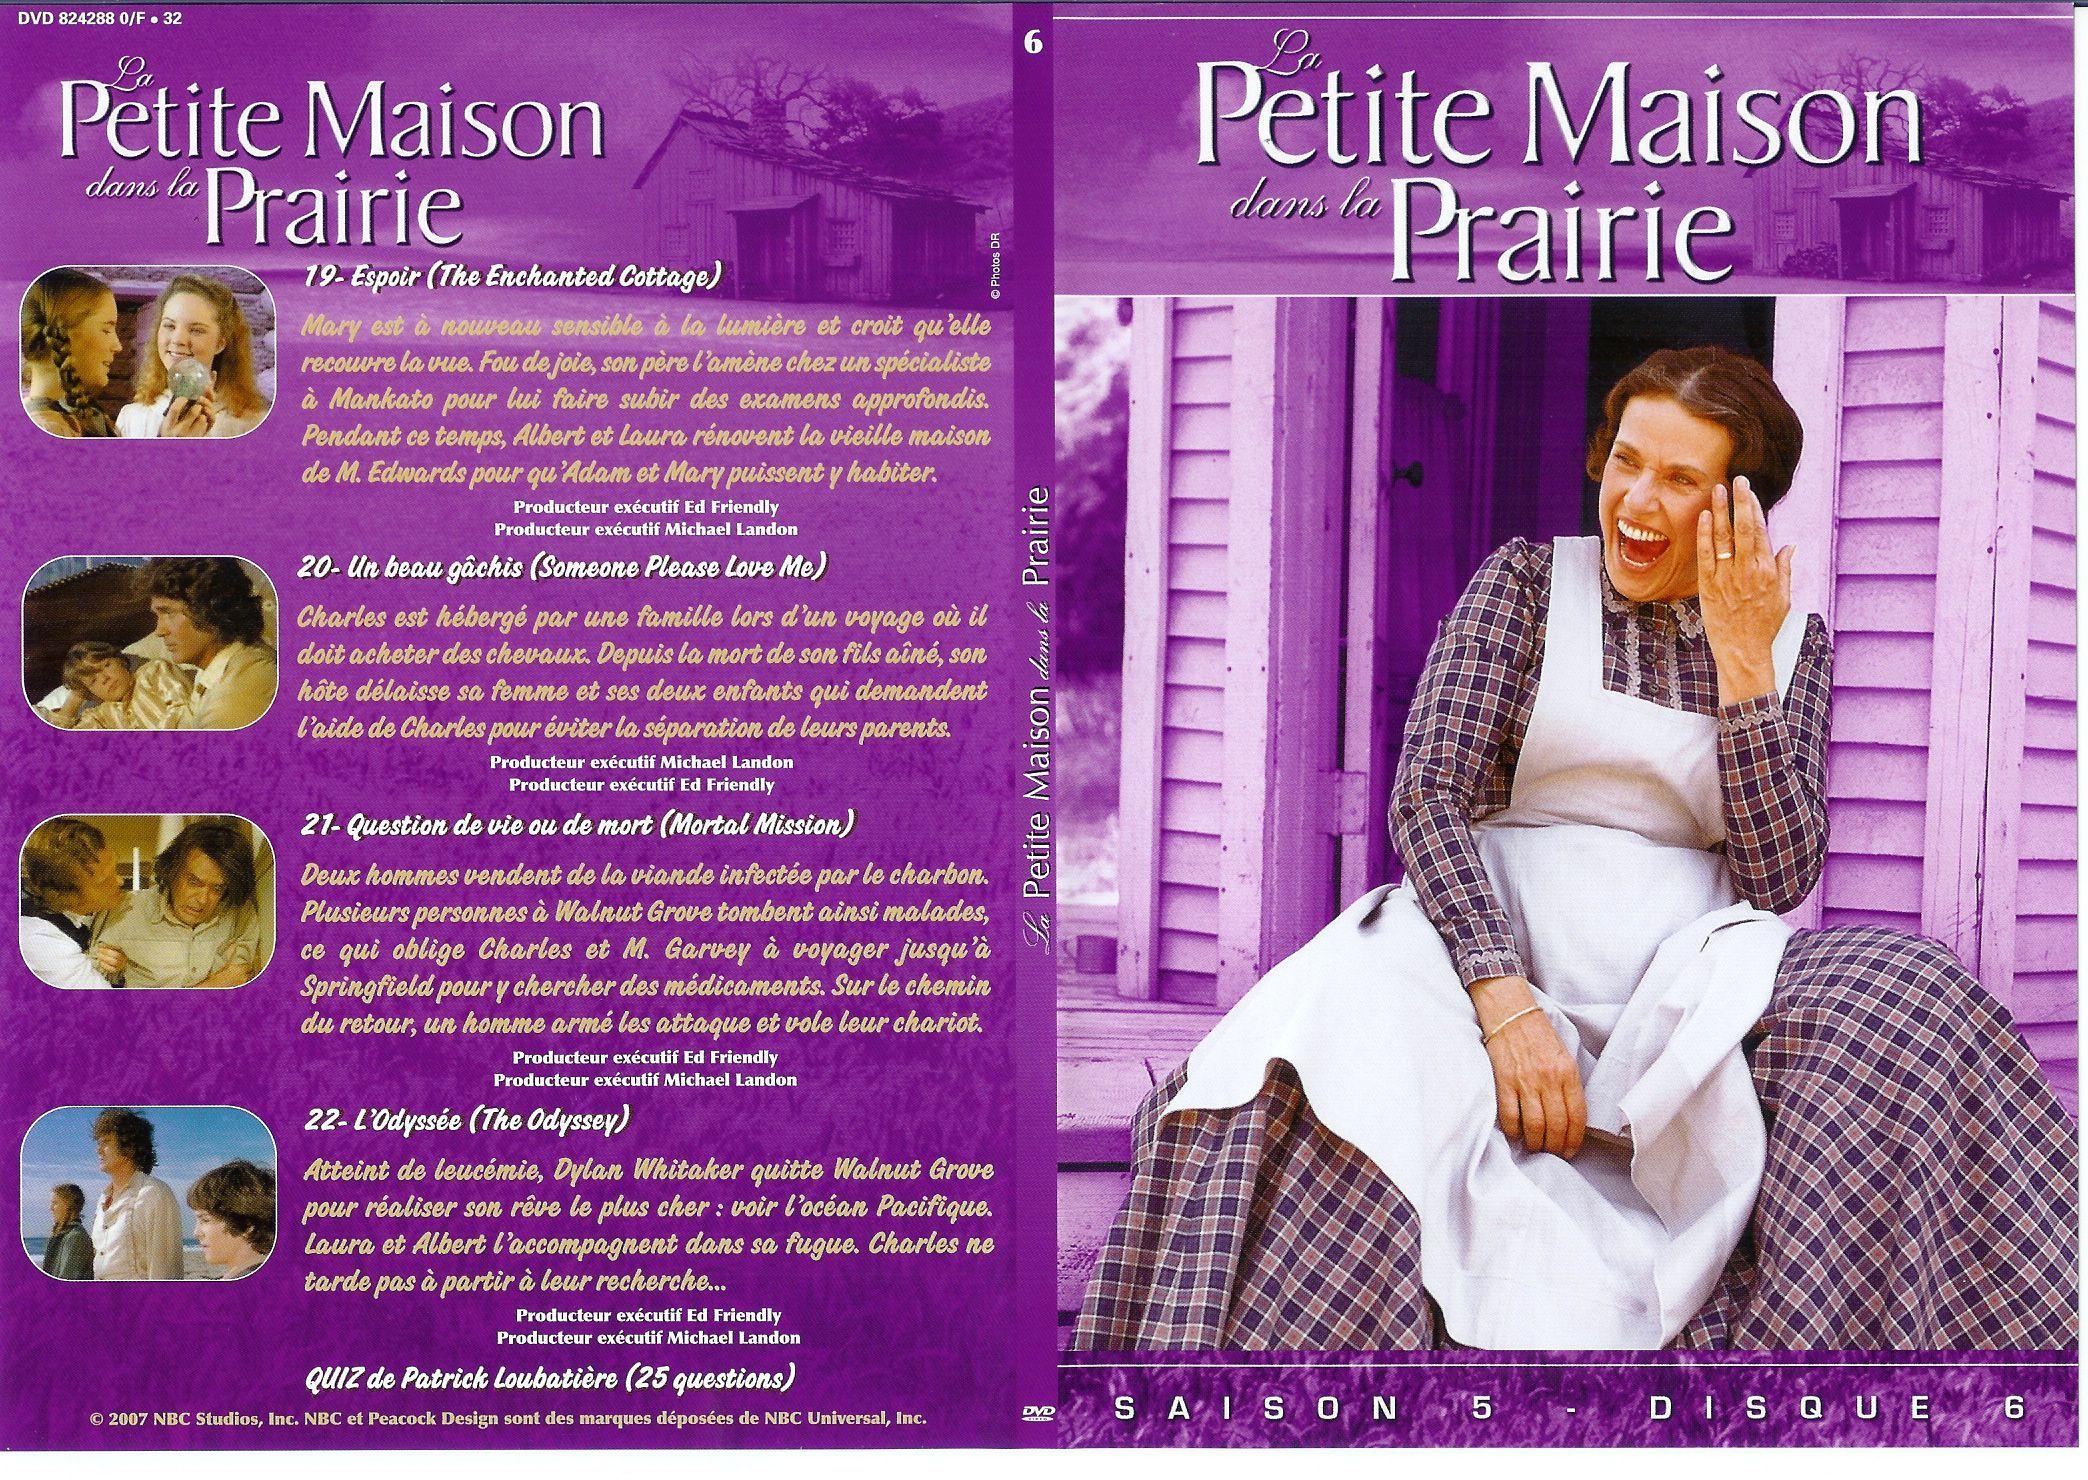 Monde de miss nombril page 64 for Asticots dans la maison